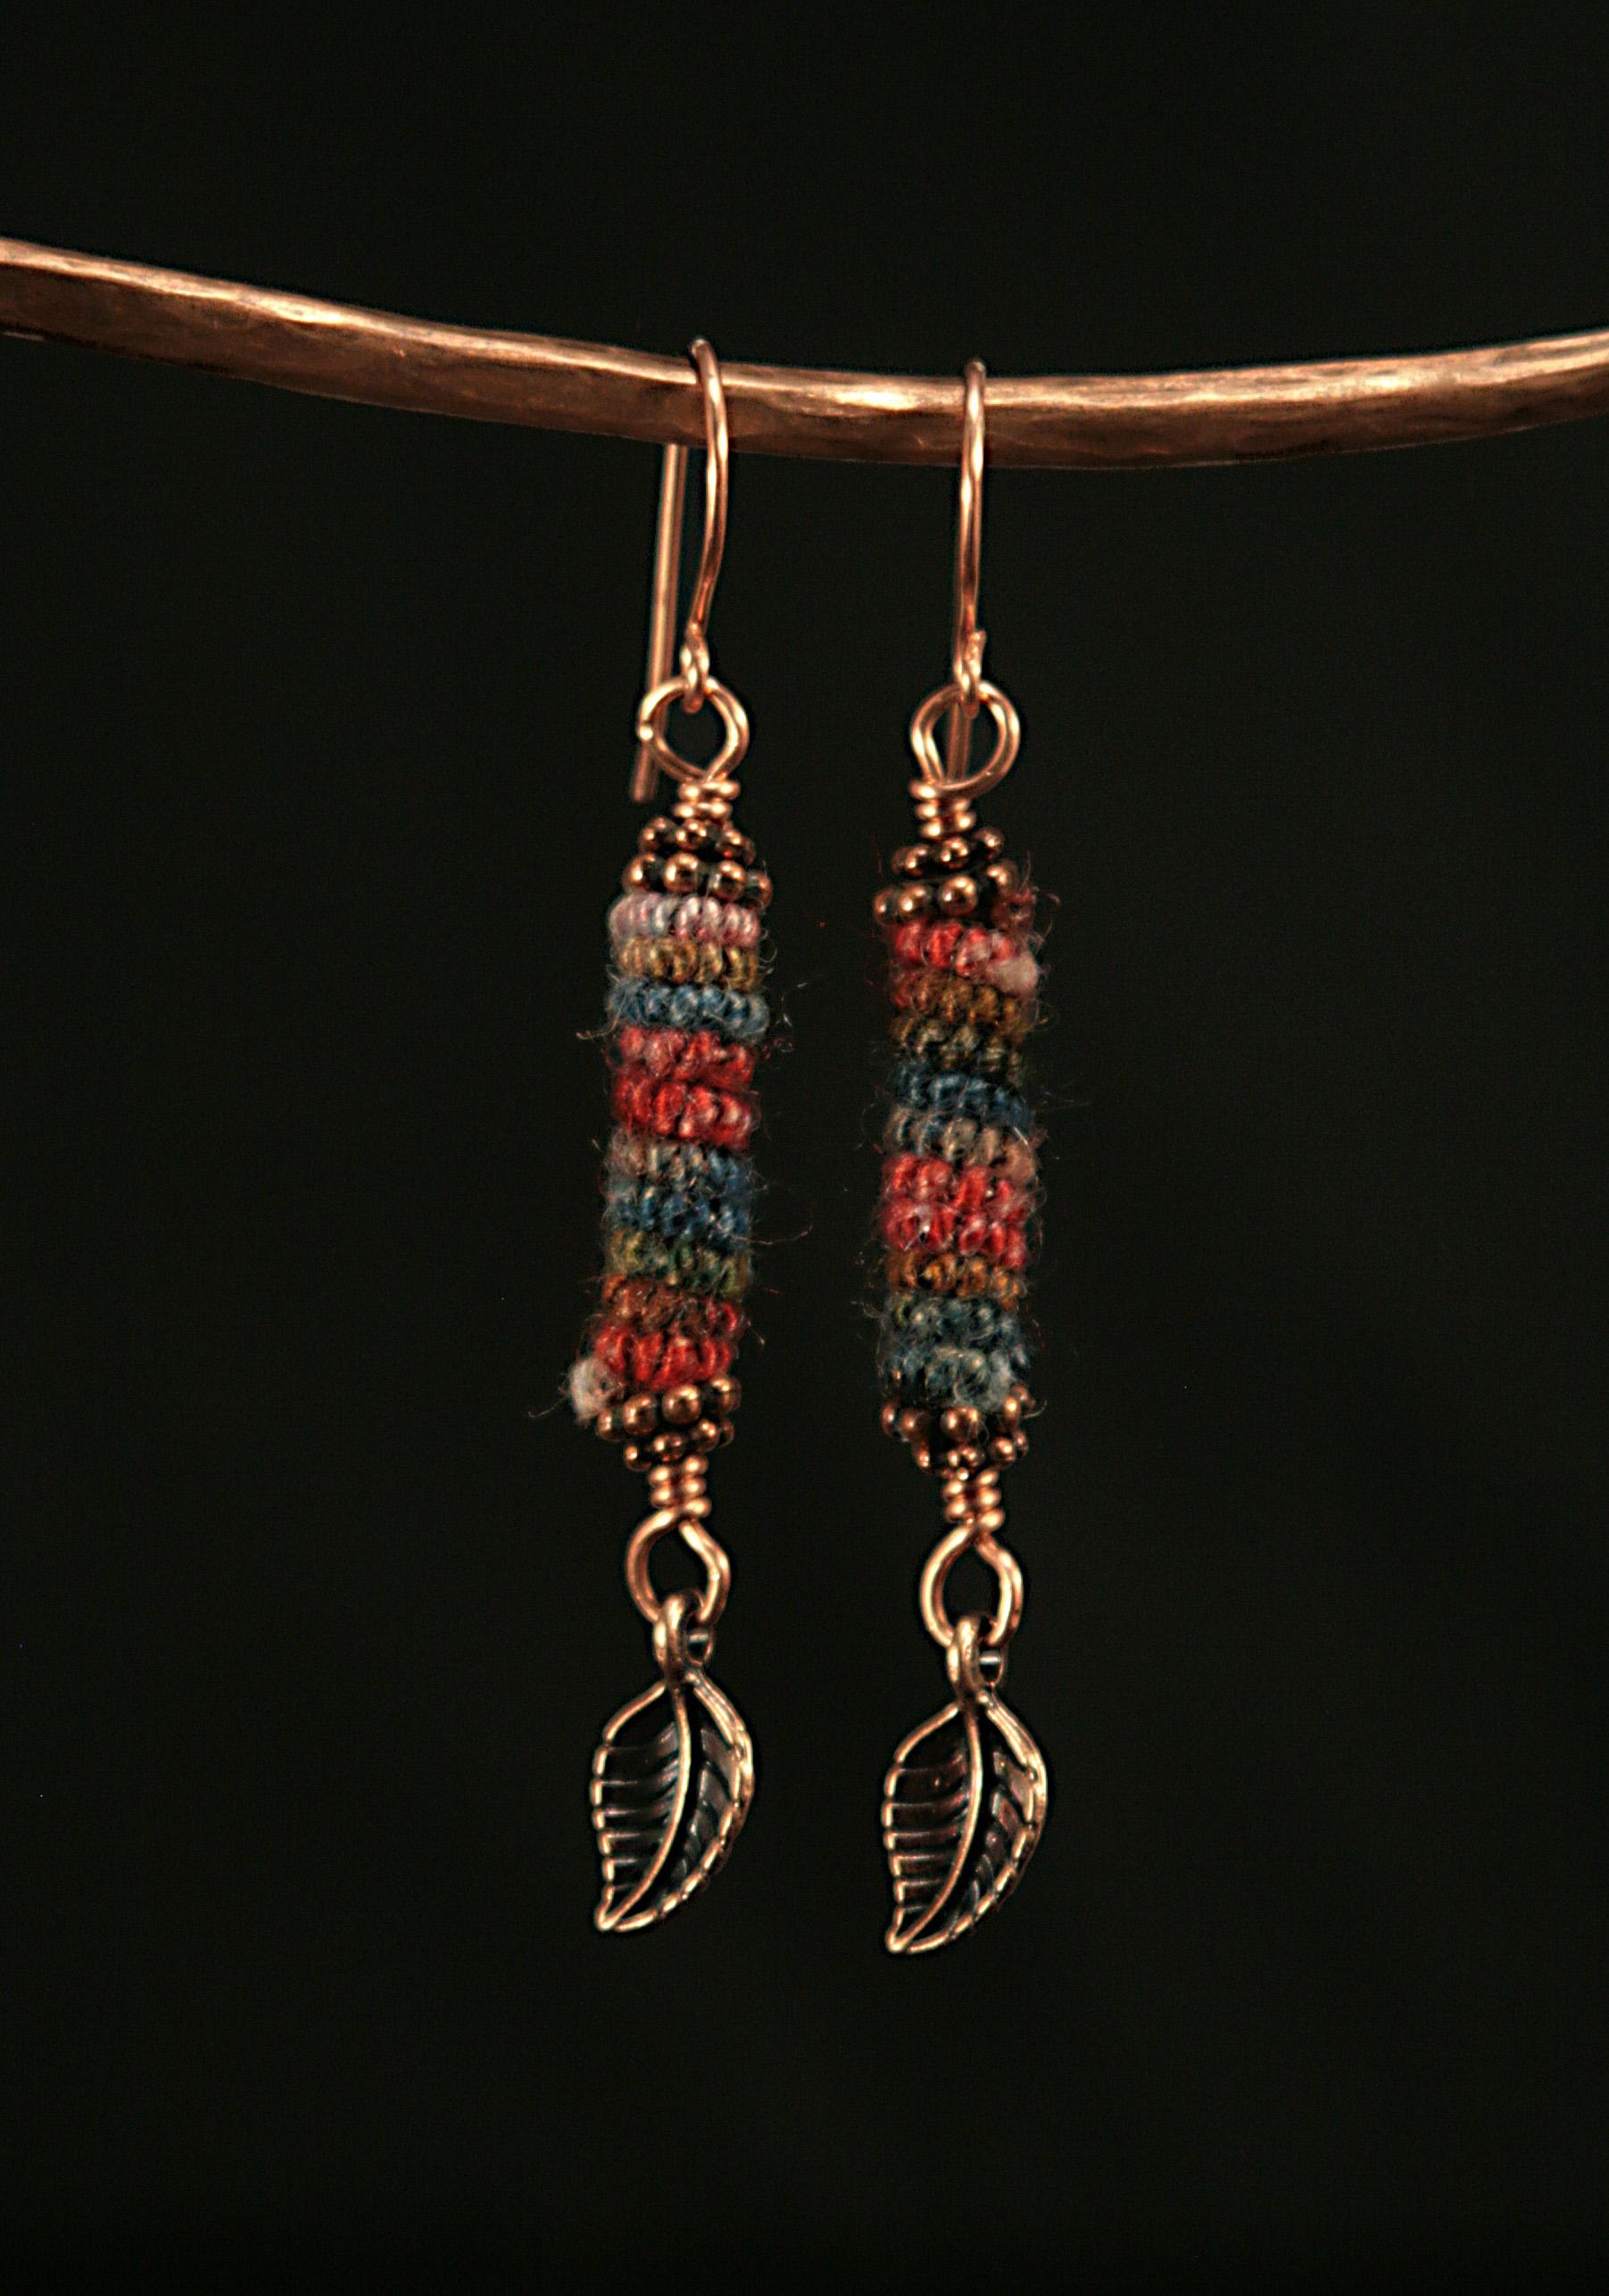 Caterpillar Beads